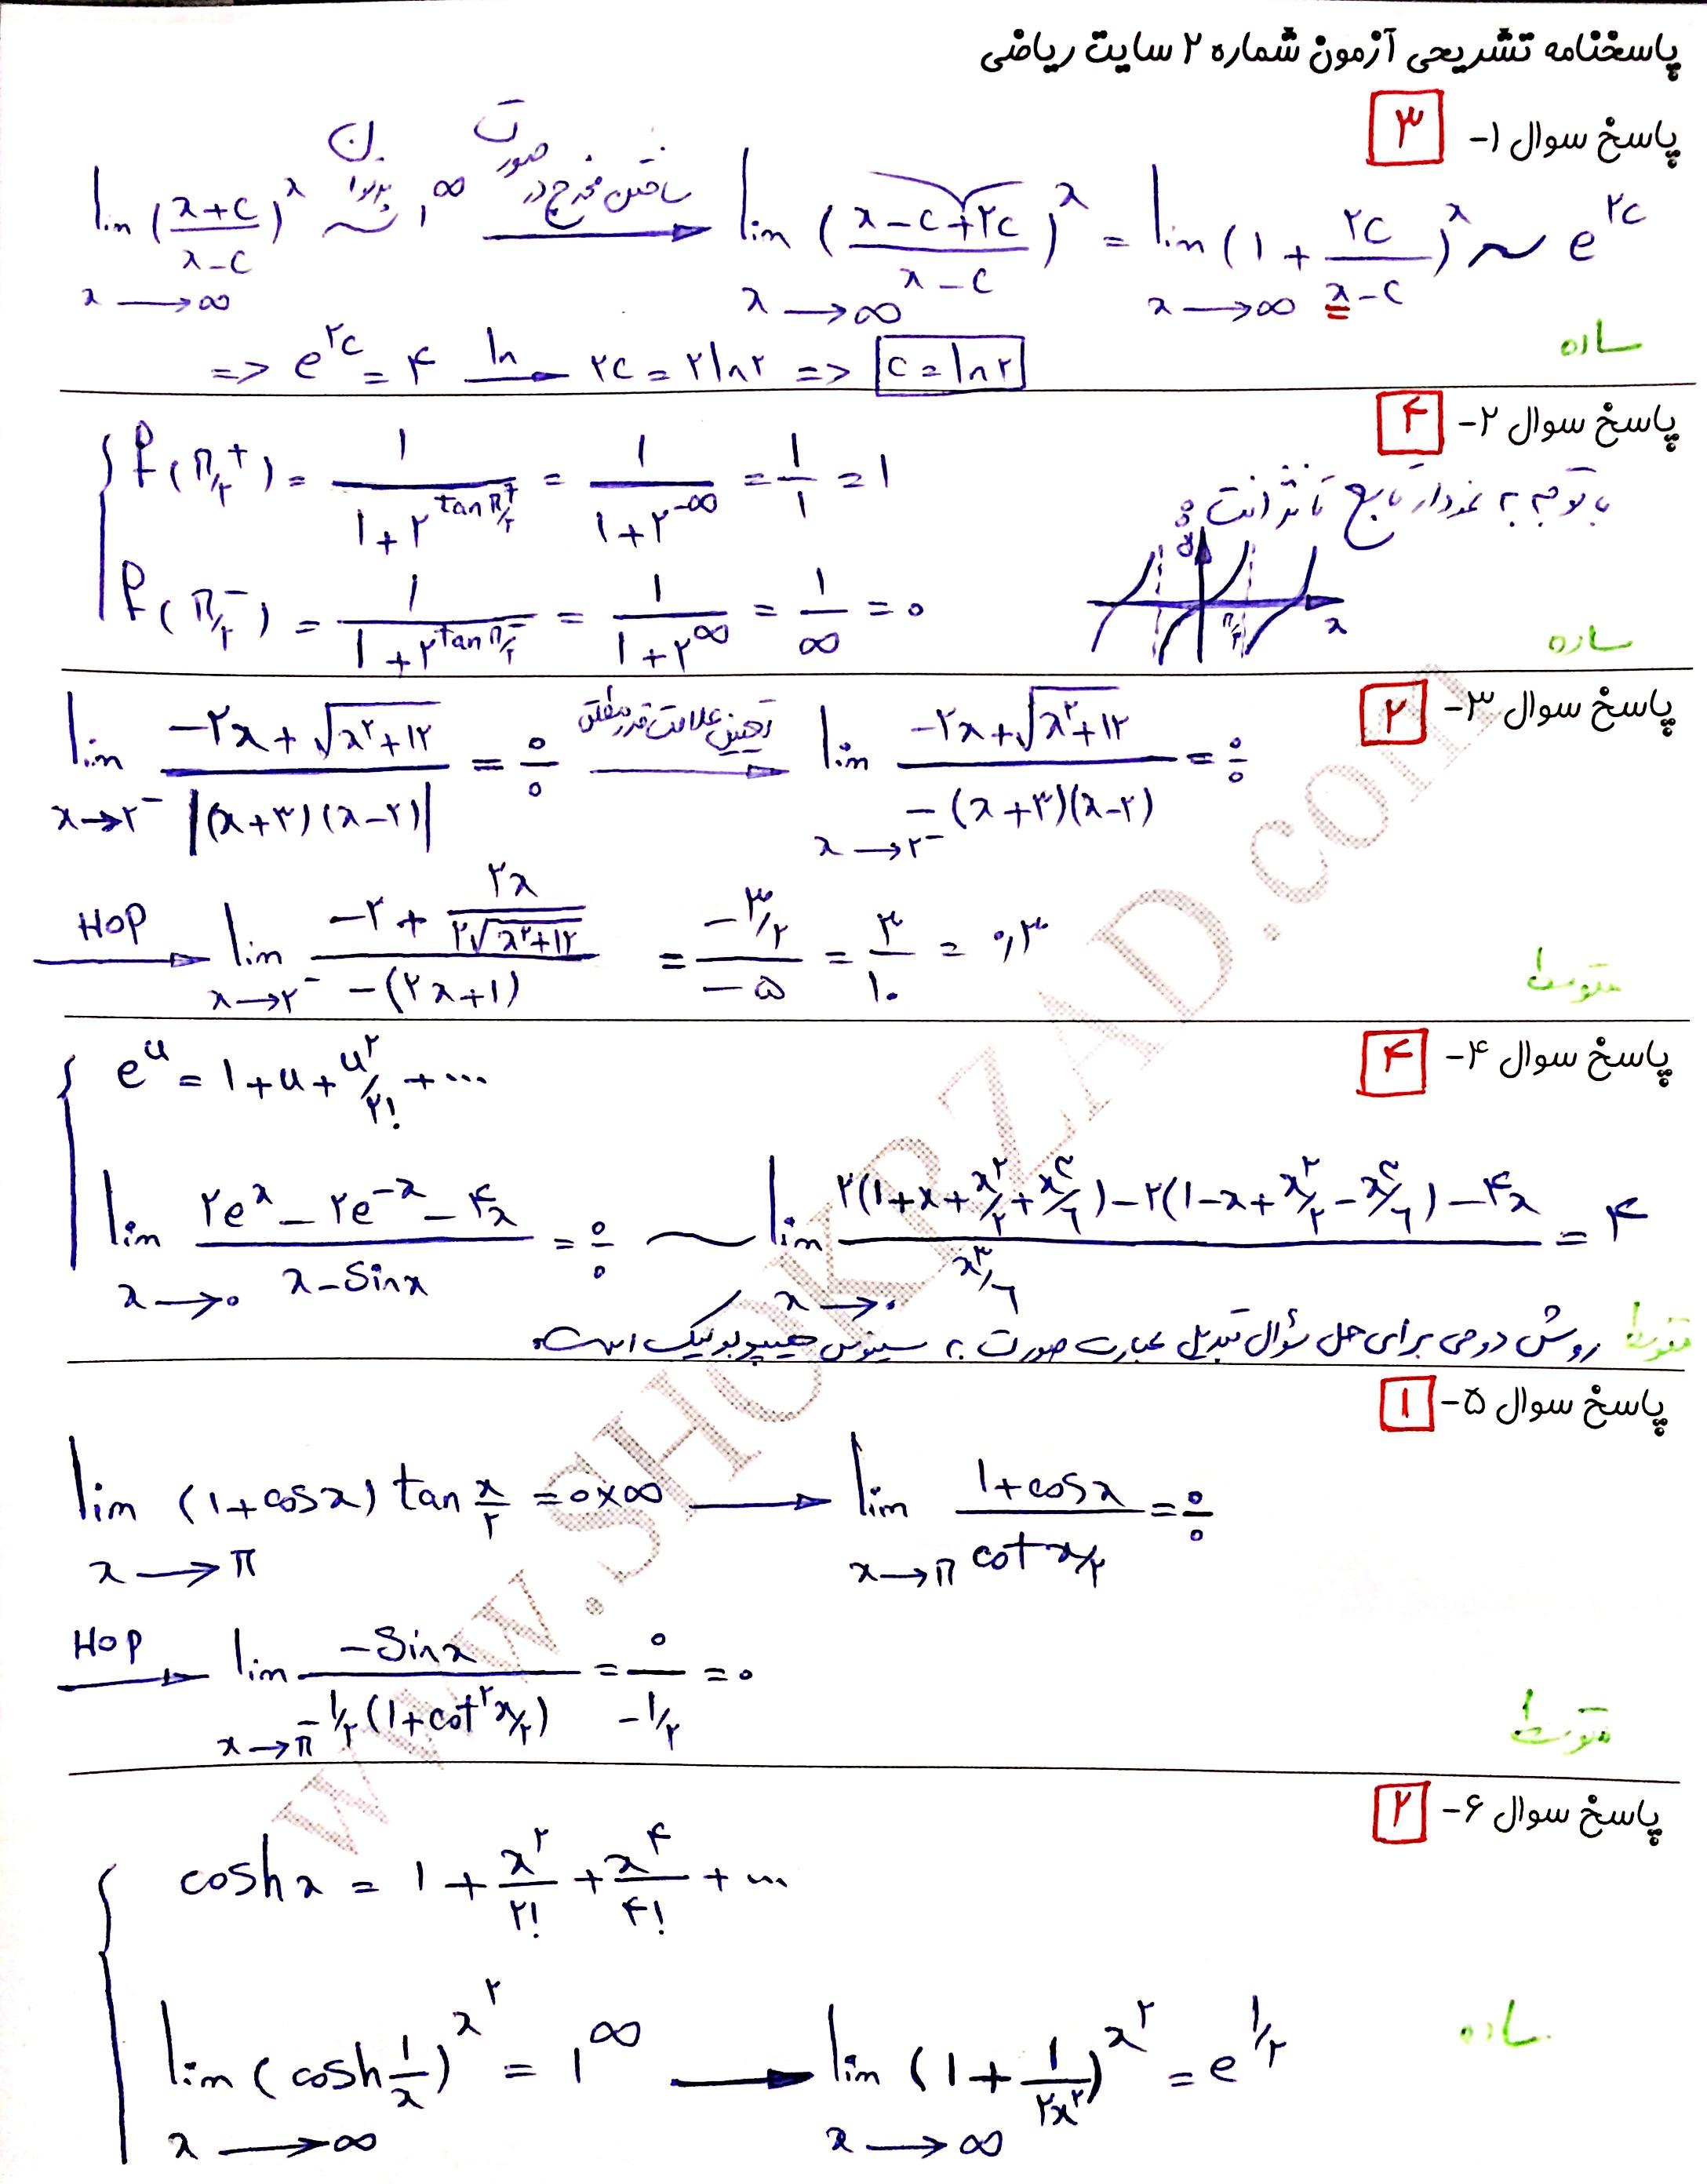 پاسخ سوالات ریاضی عمومی 1و2